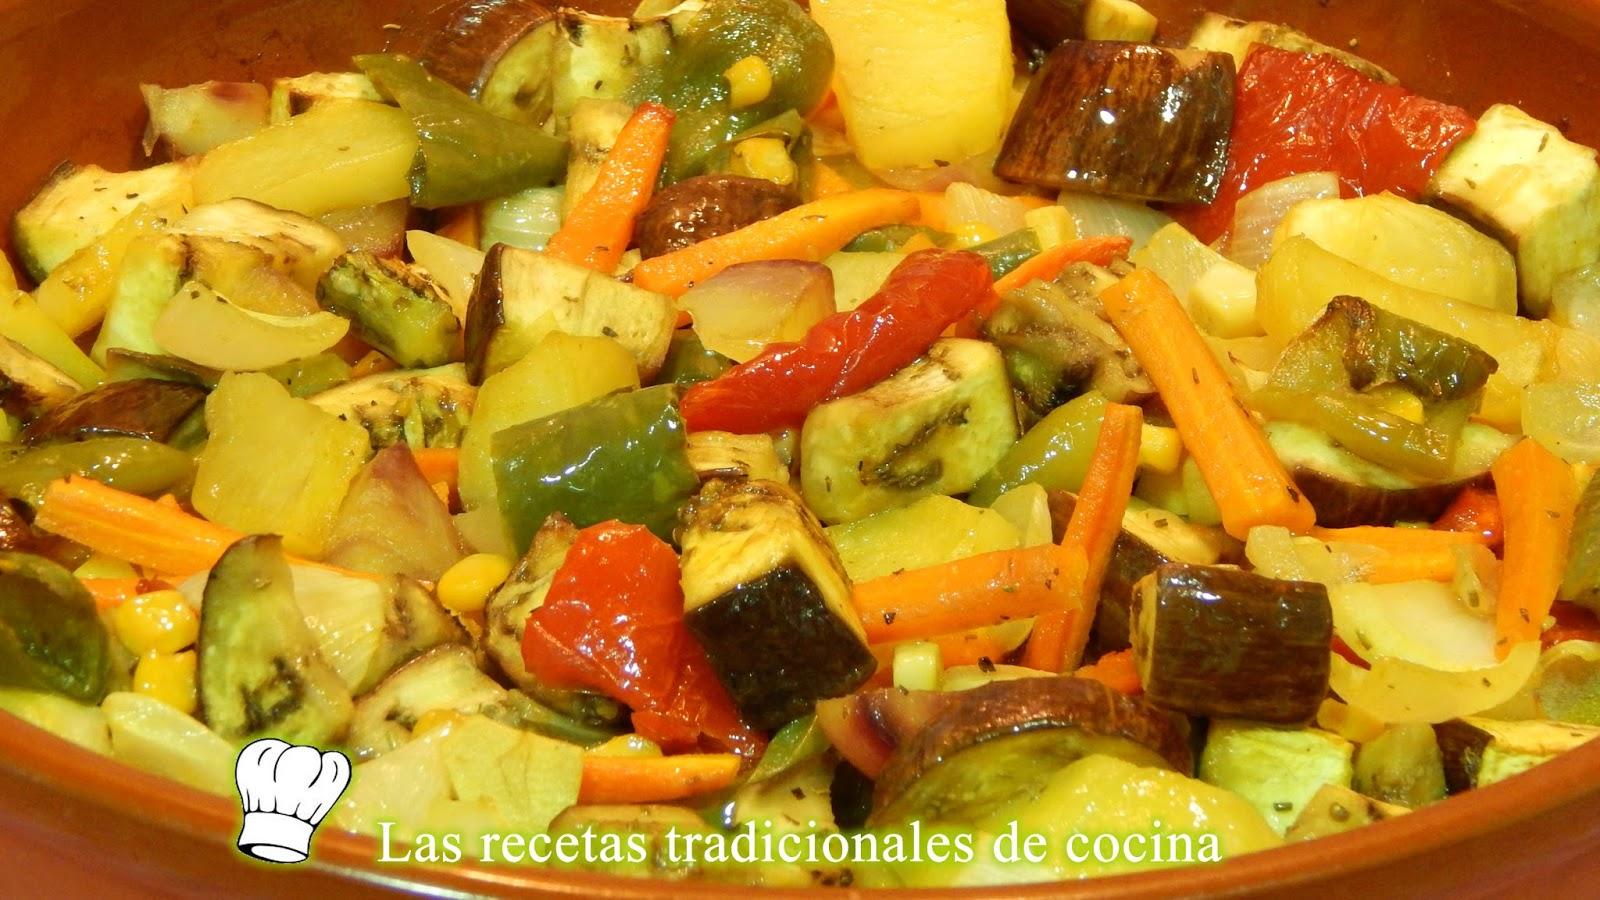 Receta de verduras al horno con especias recetas de - Recetas de bogavante al horno ...